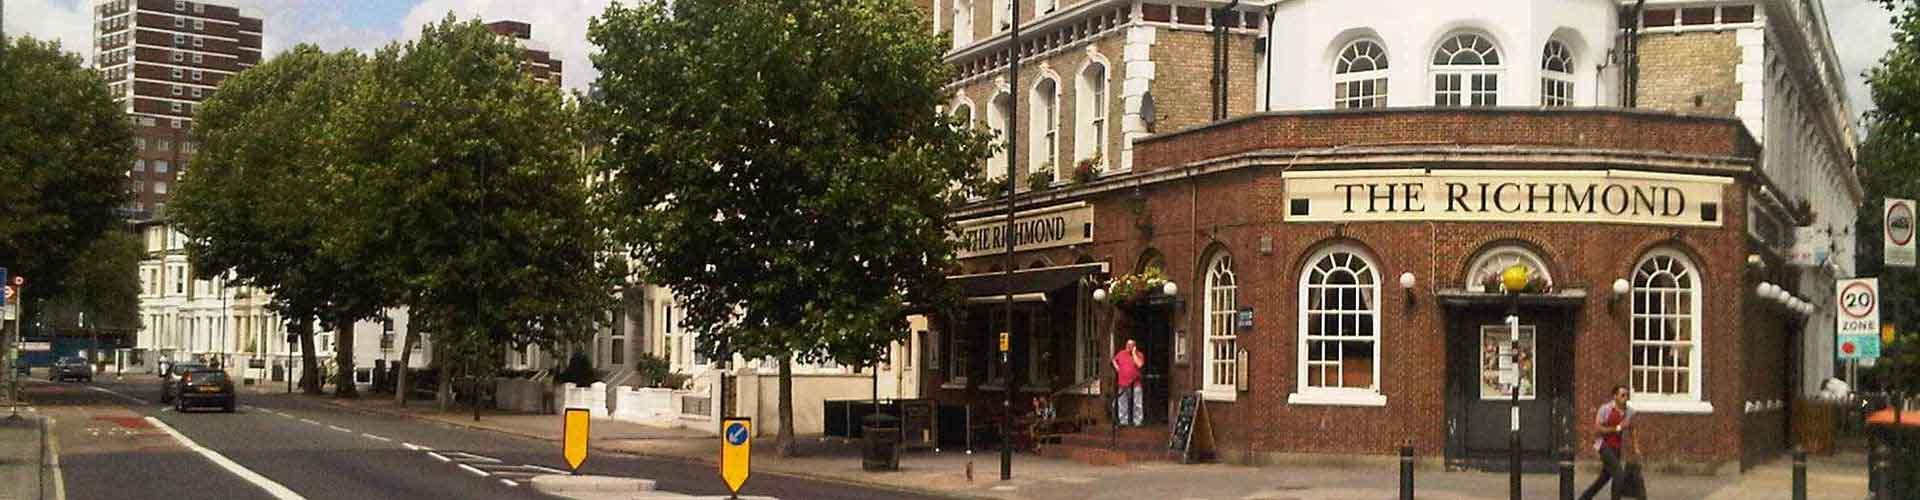 ロンドン – Borough of Hammersmith and Fulham地区のキャンプ場. 地図 ロンドン, すべてのキャンプ場の写真とレビュー ロンドン.